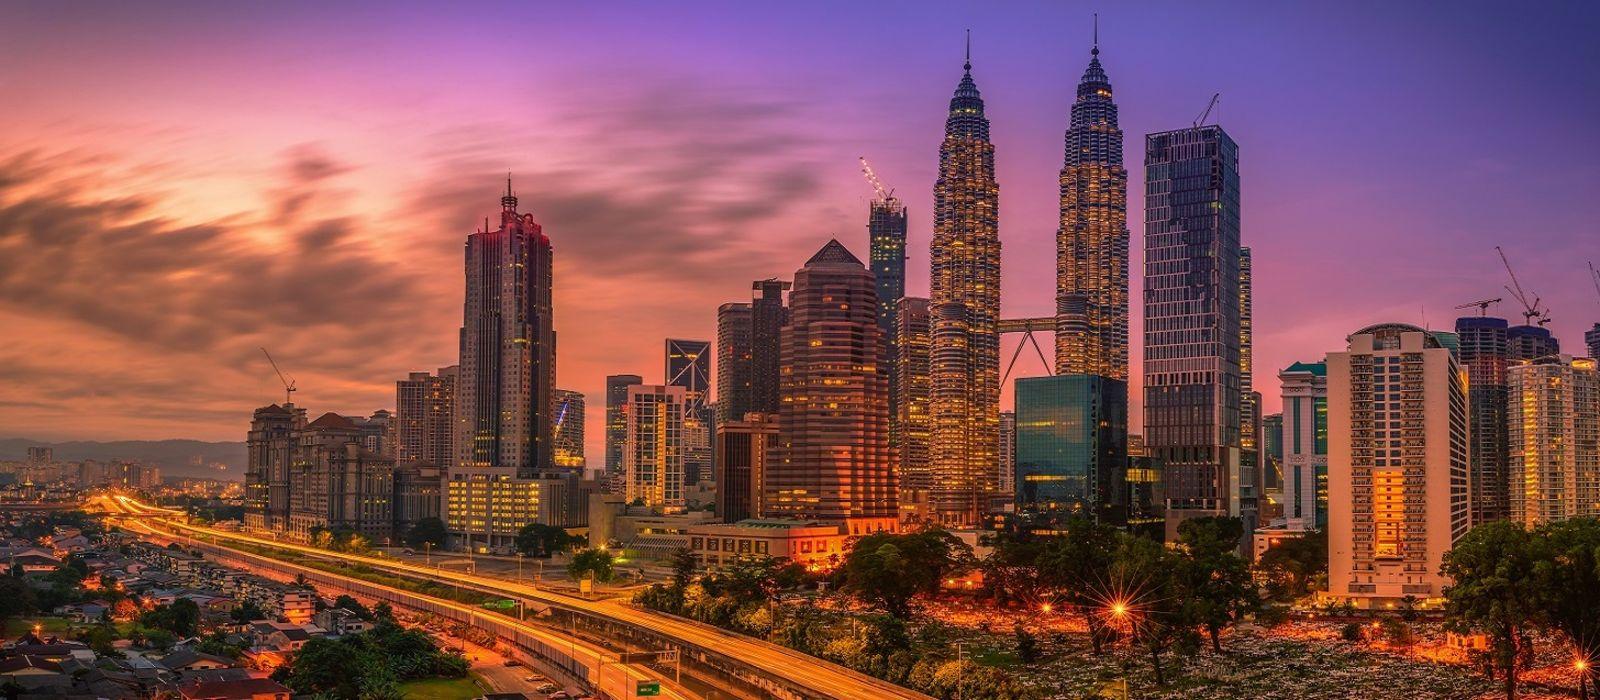 Malaysia Tours & Trips